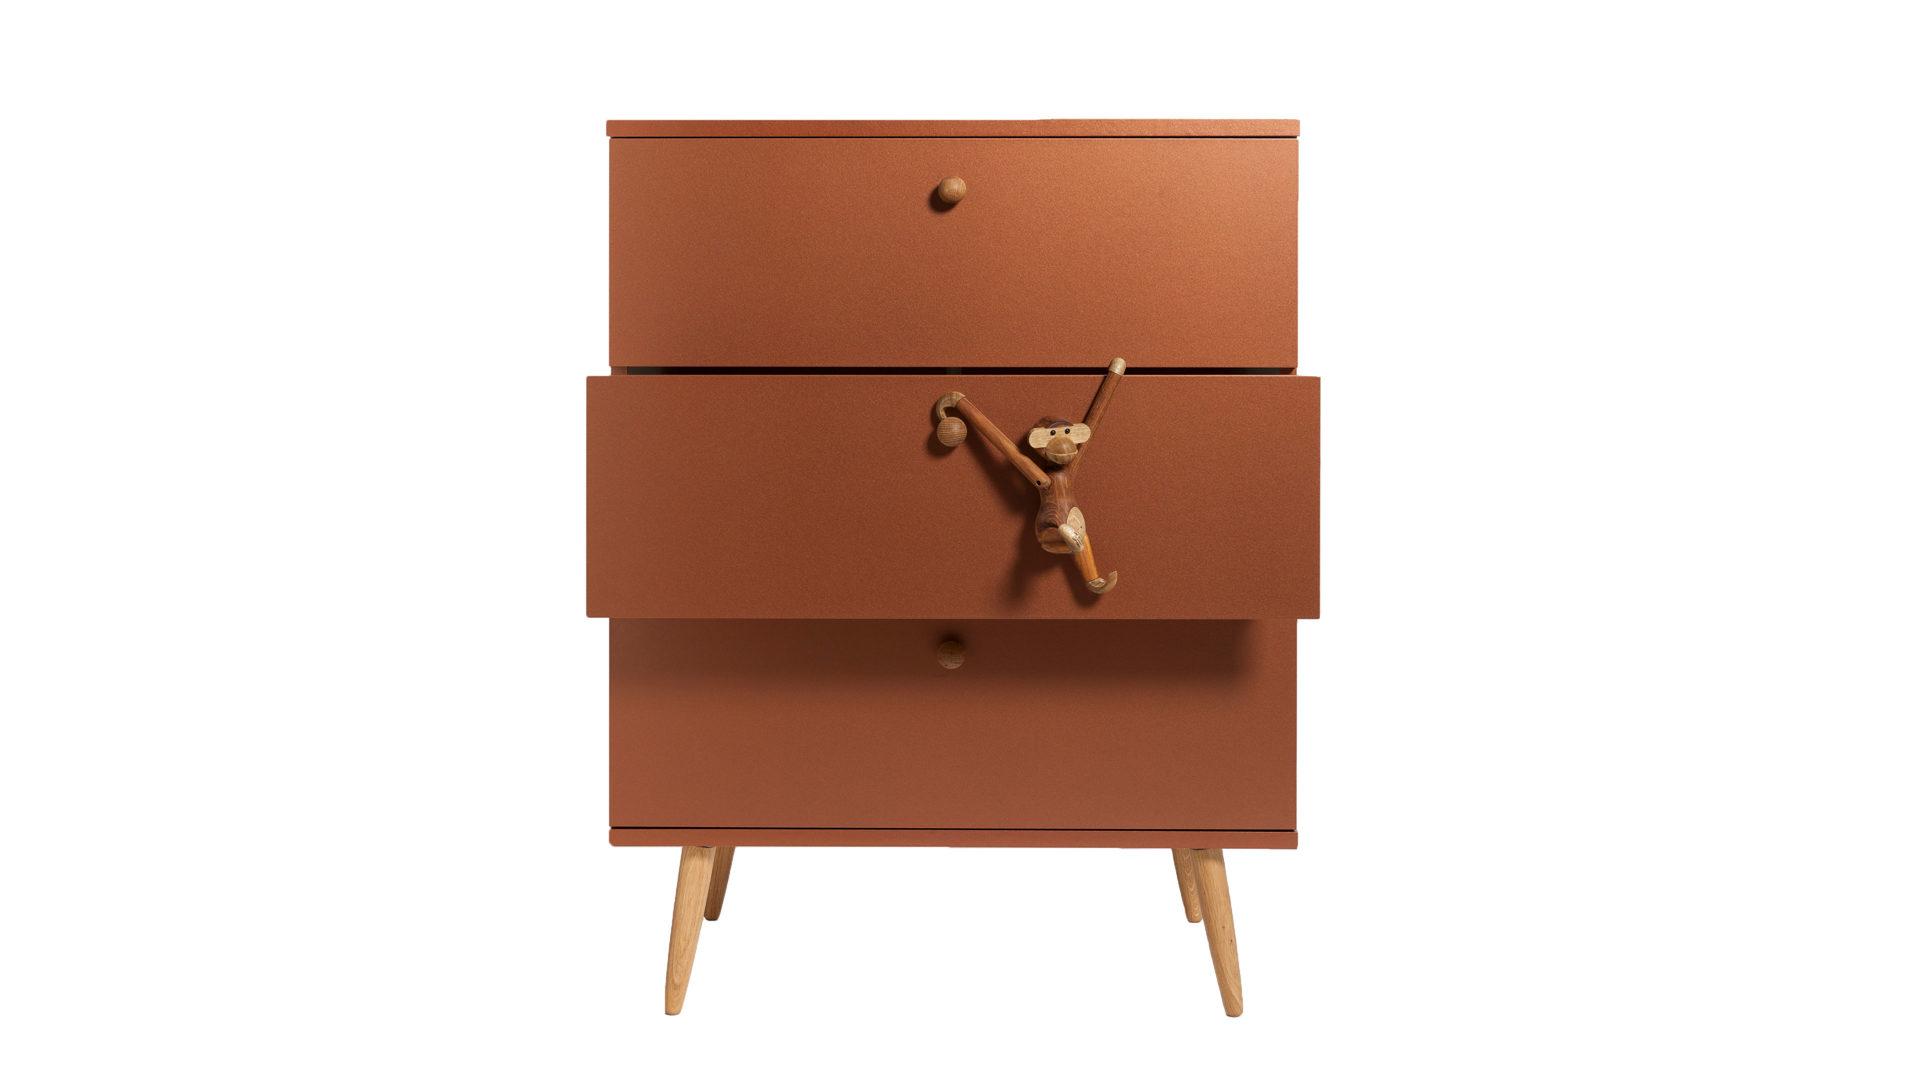 Schubladenkommode als Wohnzimmermöbel mit Stil, matte, kupferfarben ...